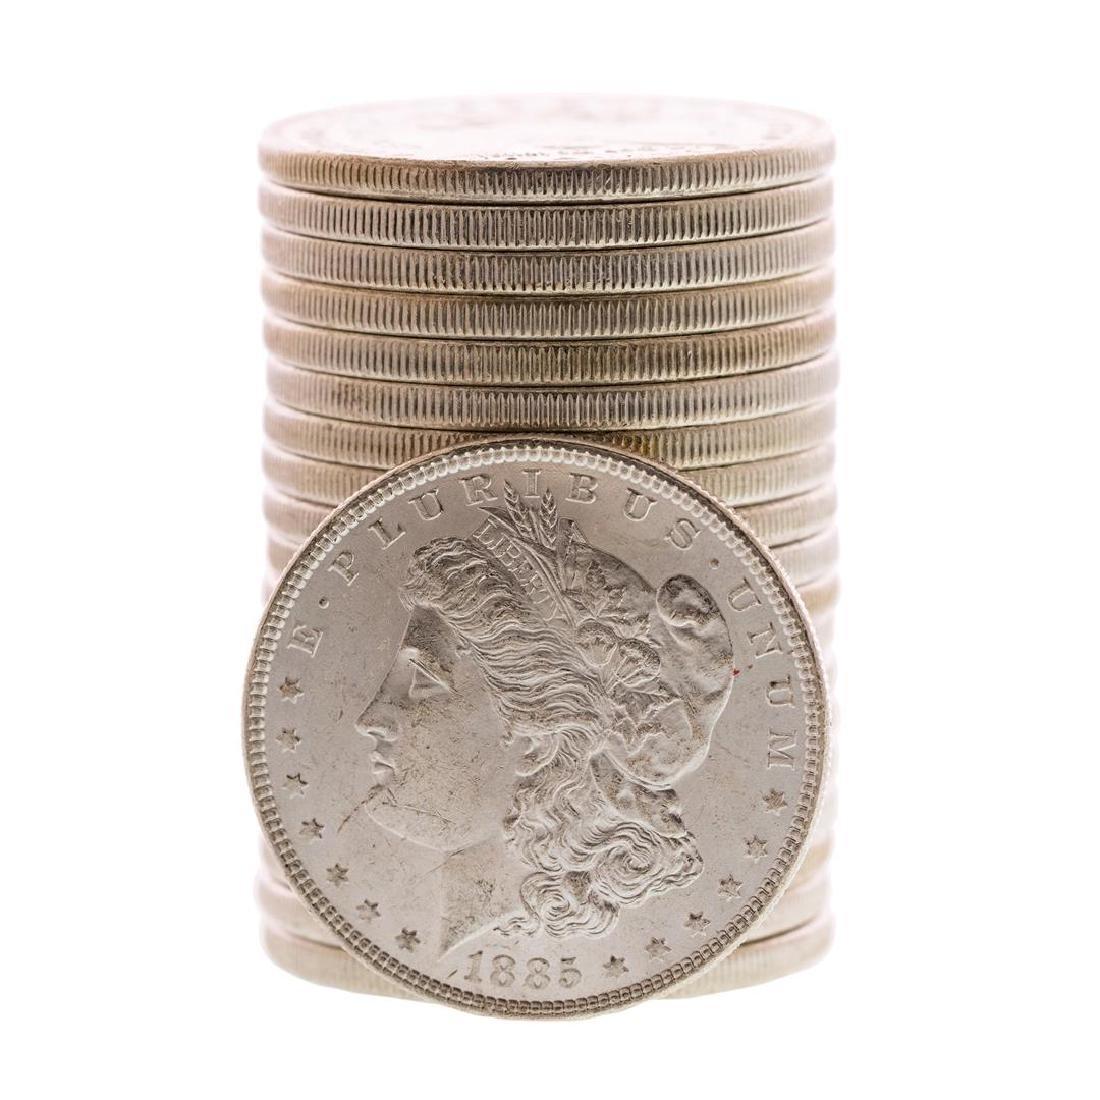 Roll of (20) Brilliant Uncirculated 1885 $1 Morgan